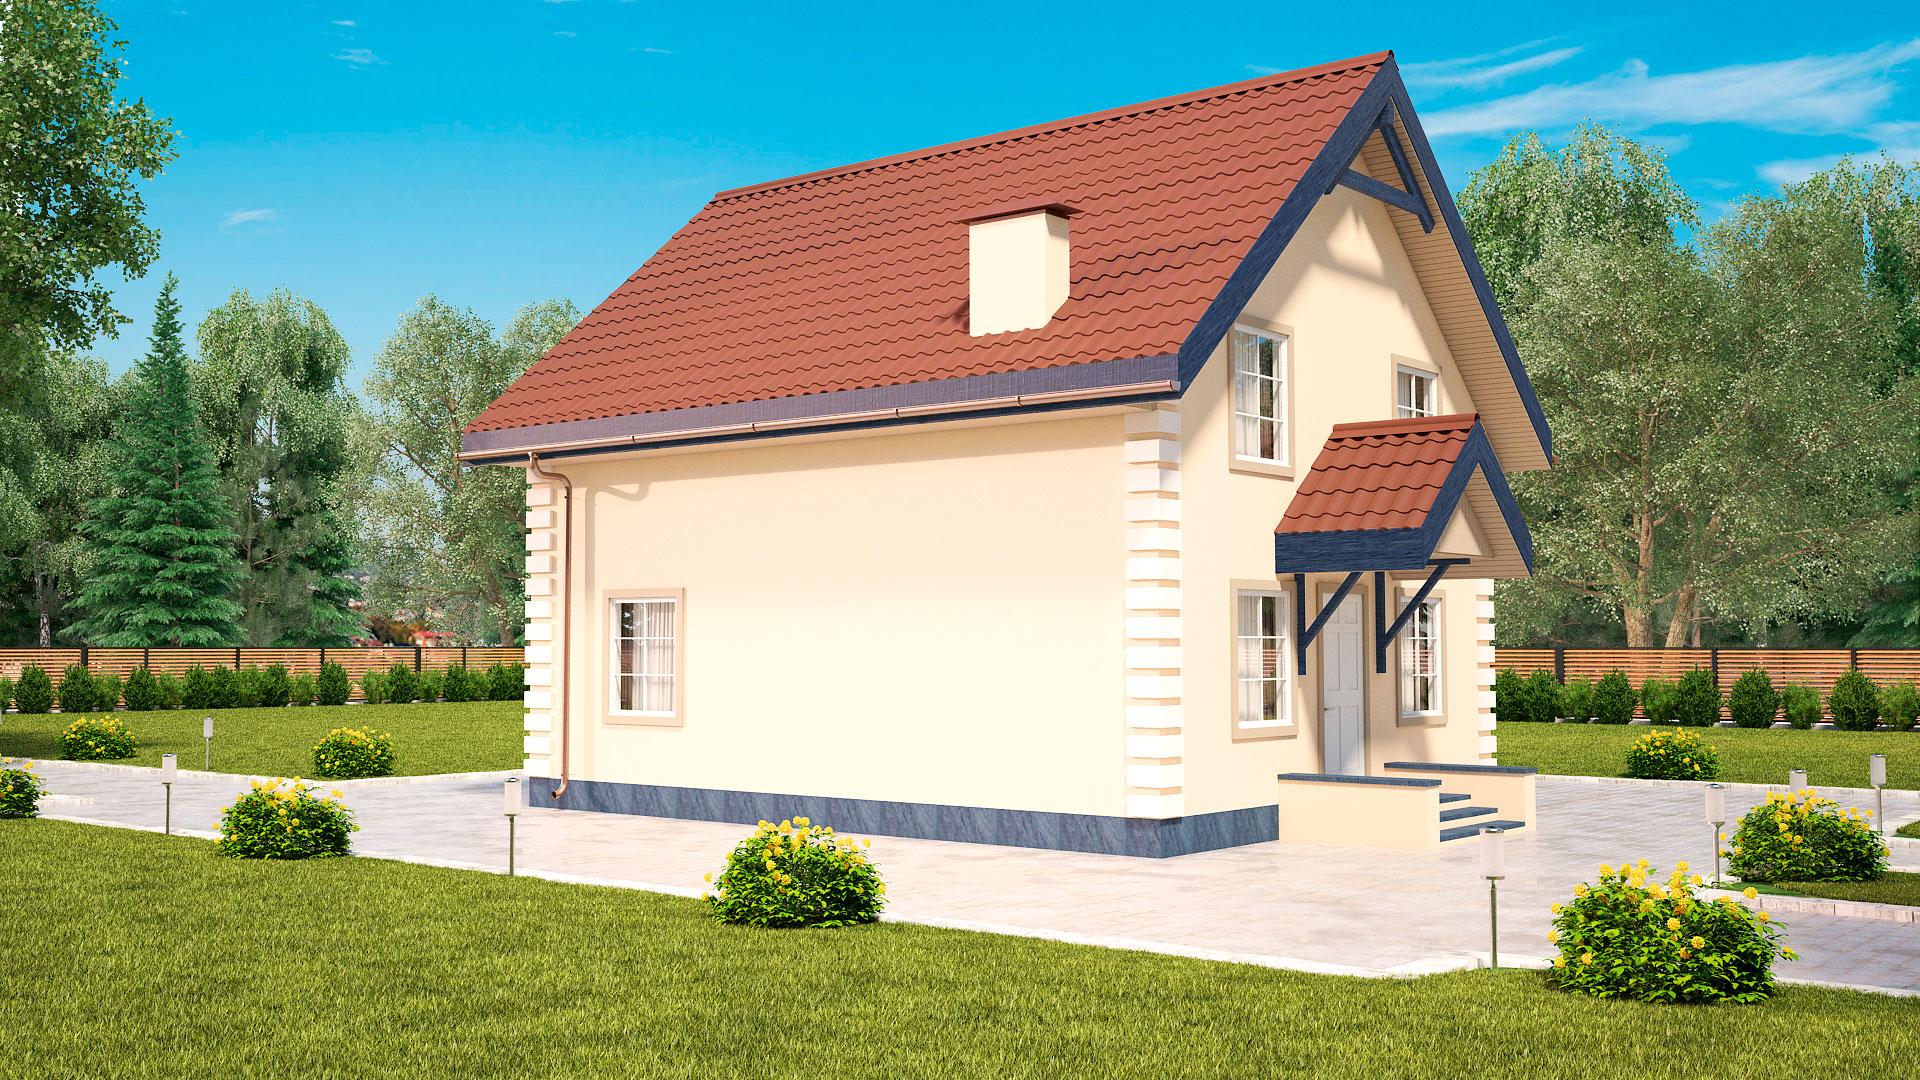 Передний и боковой фасады двухэтажного мансардного дома, проект БЭНПАН МС-121.